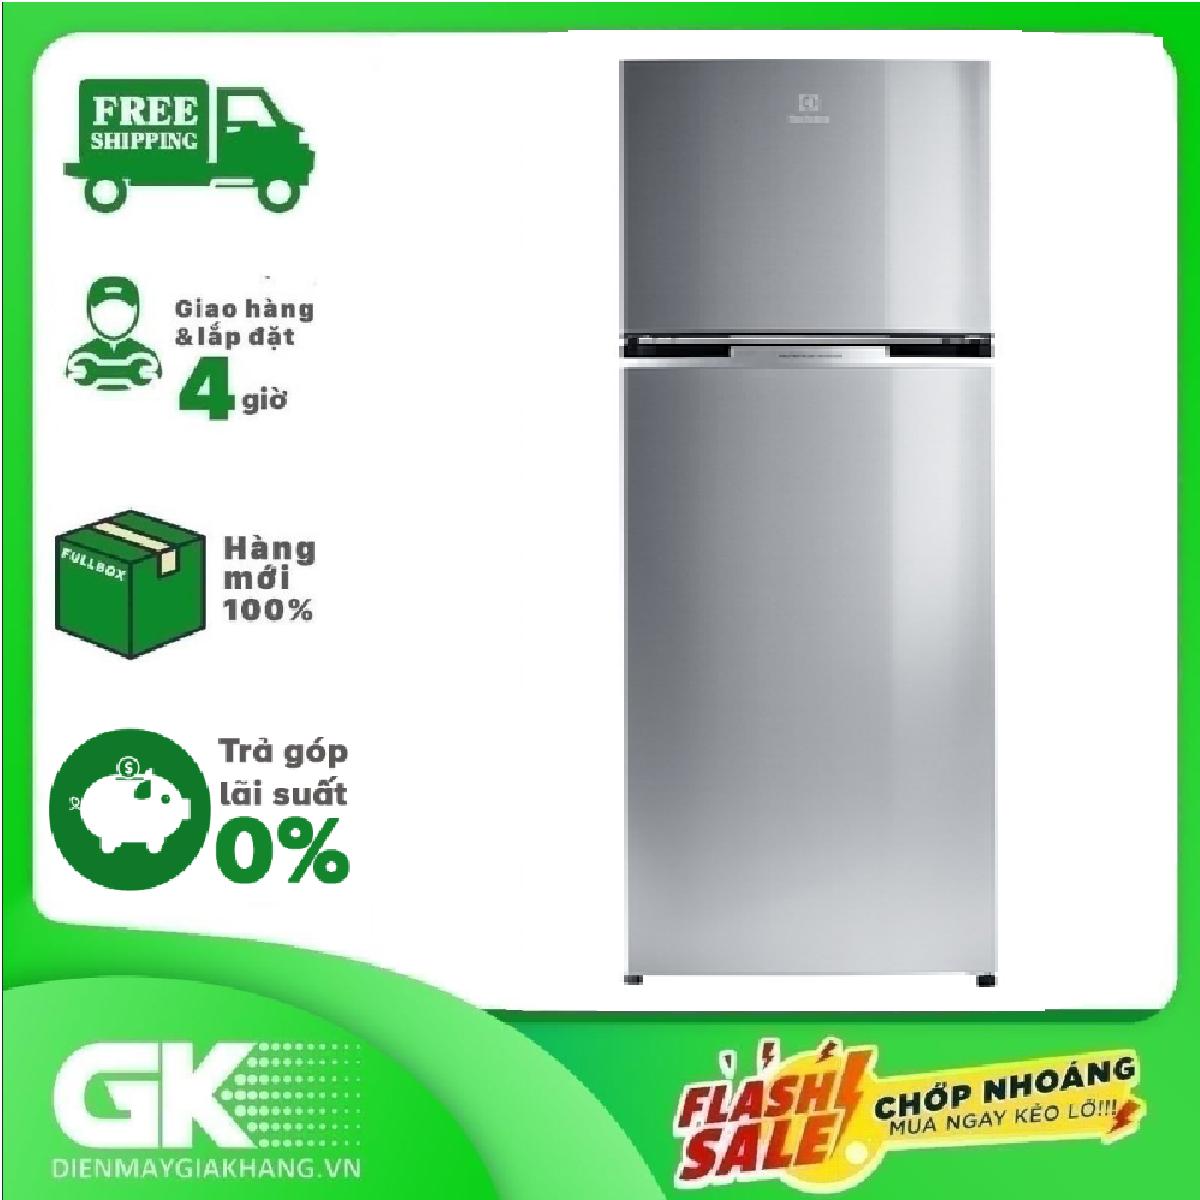 [GIAO HÀNG 2 – 15 NGÀY, TRỄ NHẤT 30.09] [Trả góp 0%]Tủ lạnh Electrolux ETB3400J-A 320 lít Inverter